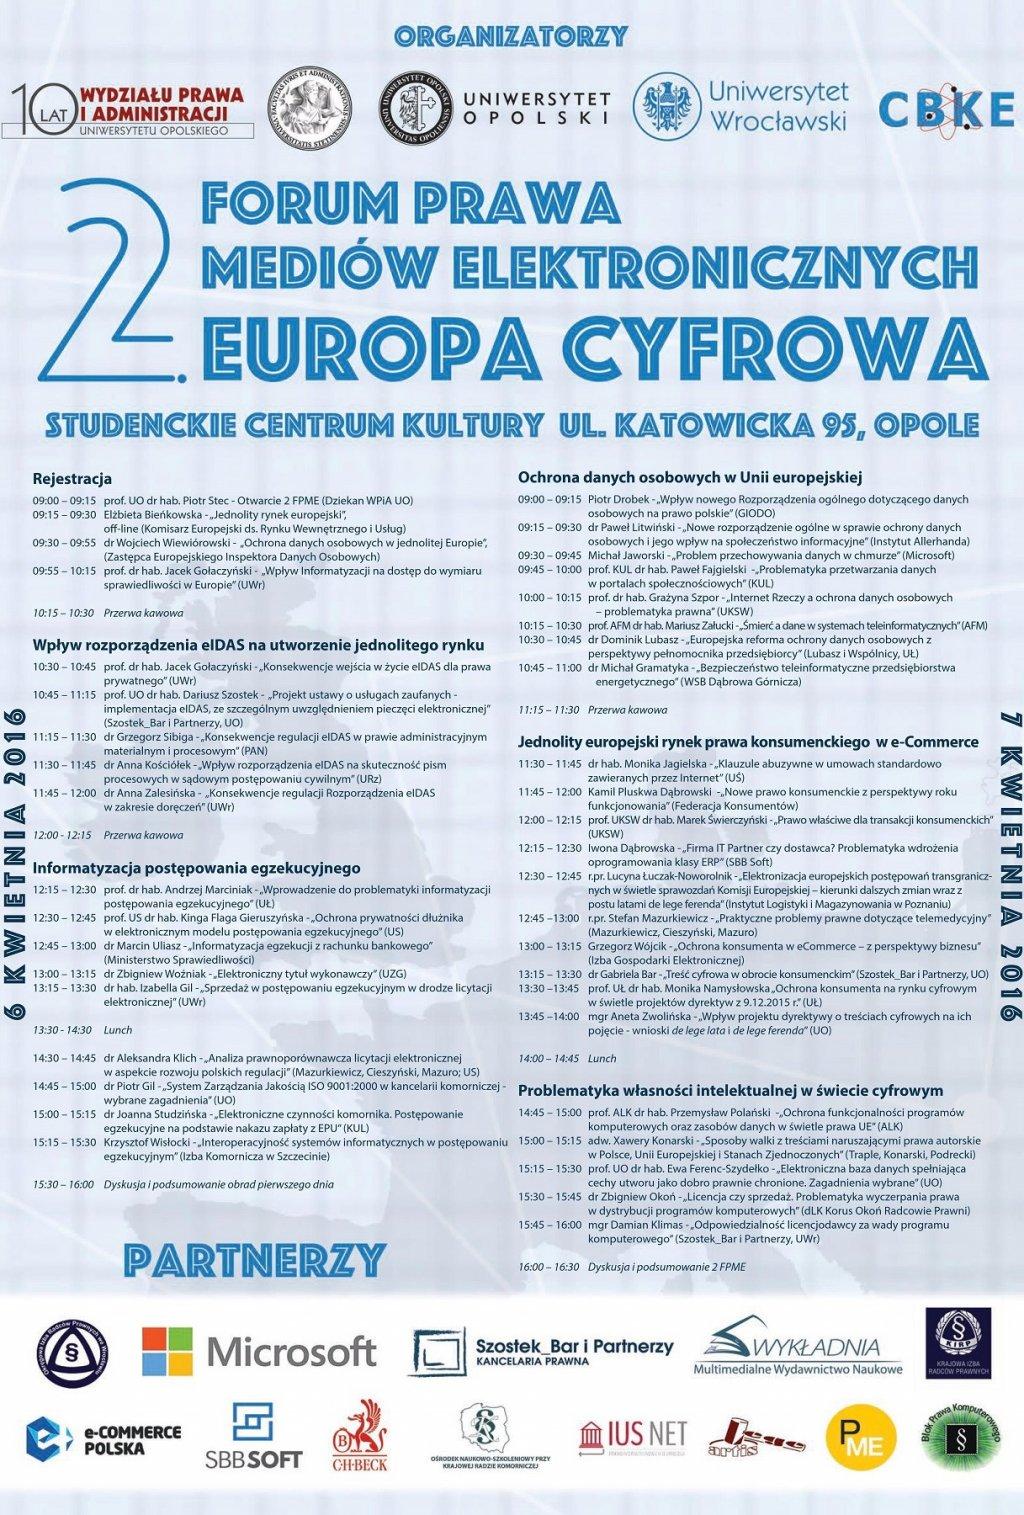 2 Forum Prawa Mediów Elektronicznych